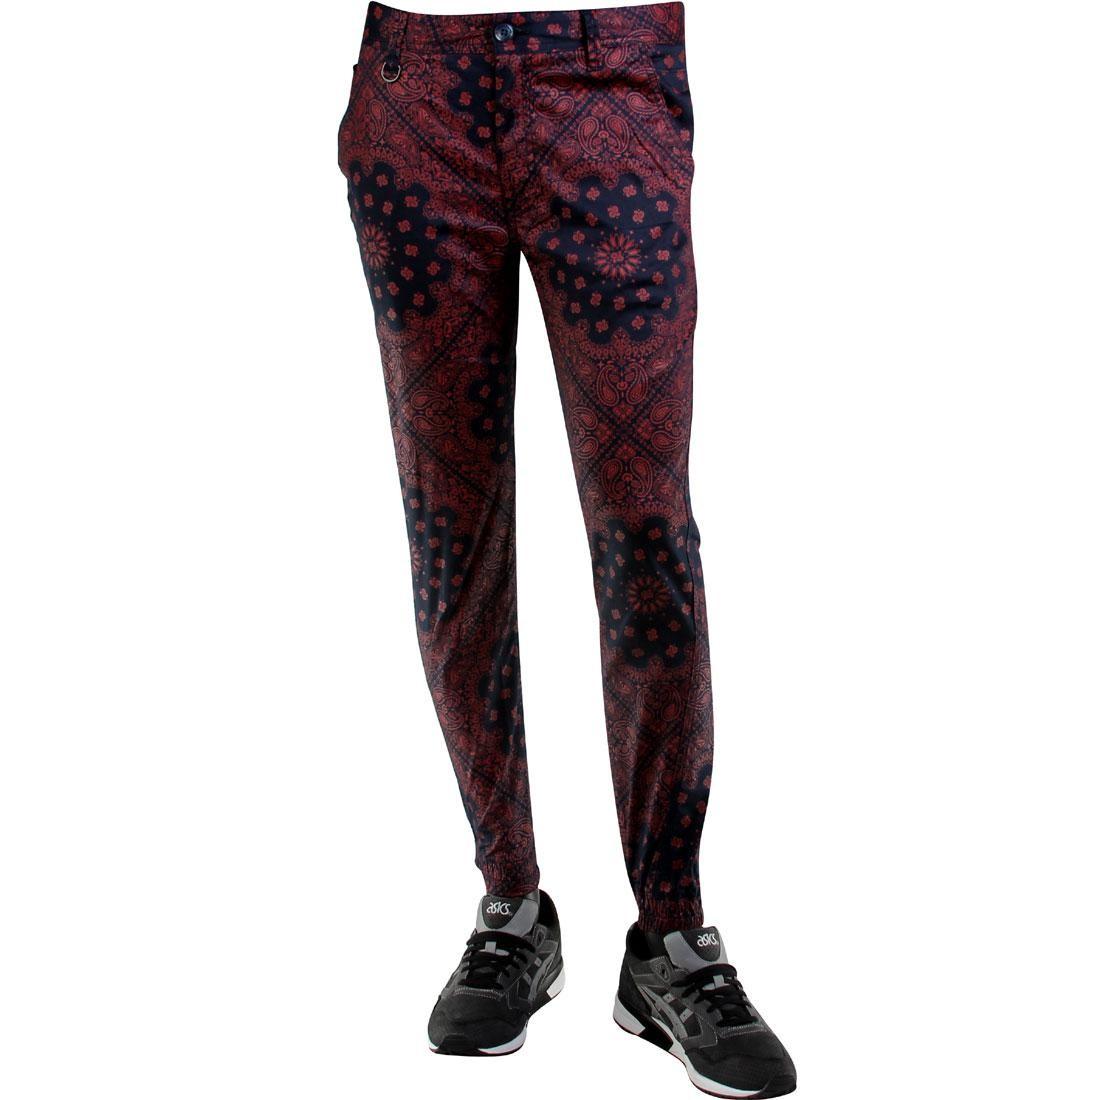 パブリッシュ ジョガーパンツ メンズファッション ズボン パンツ メンズ 【 Publish Banwell Paisley Bandana Pattern Jogger Pants (navy) 】 Navy